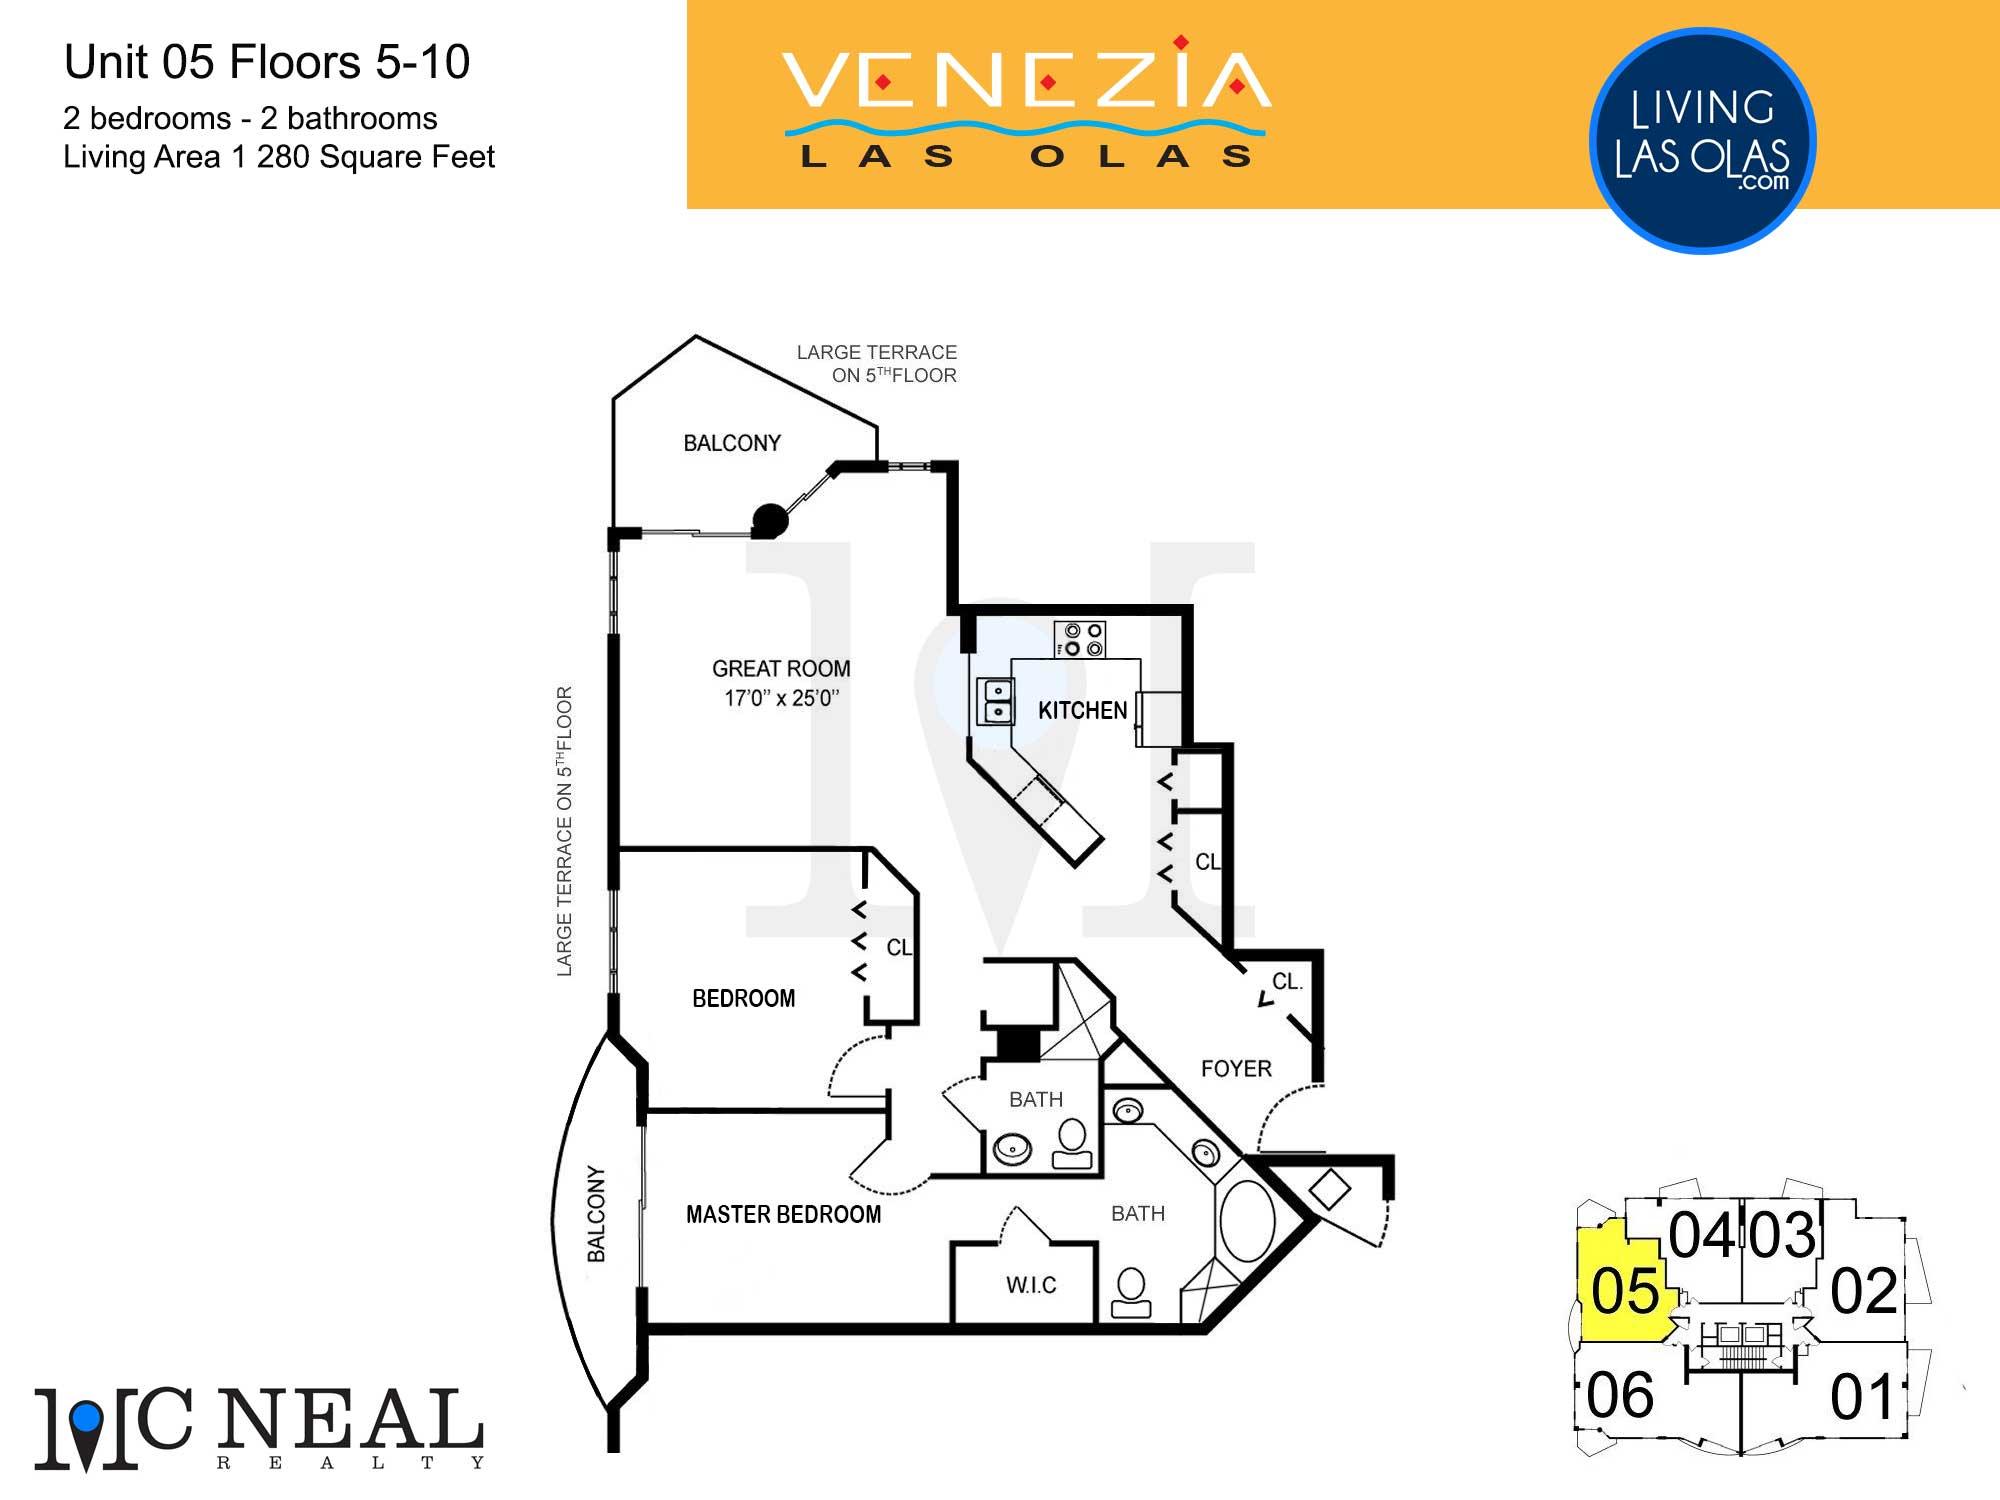 Venezia Las Olas Floor Plans 5-10 Unit 5